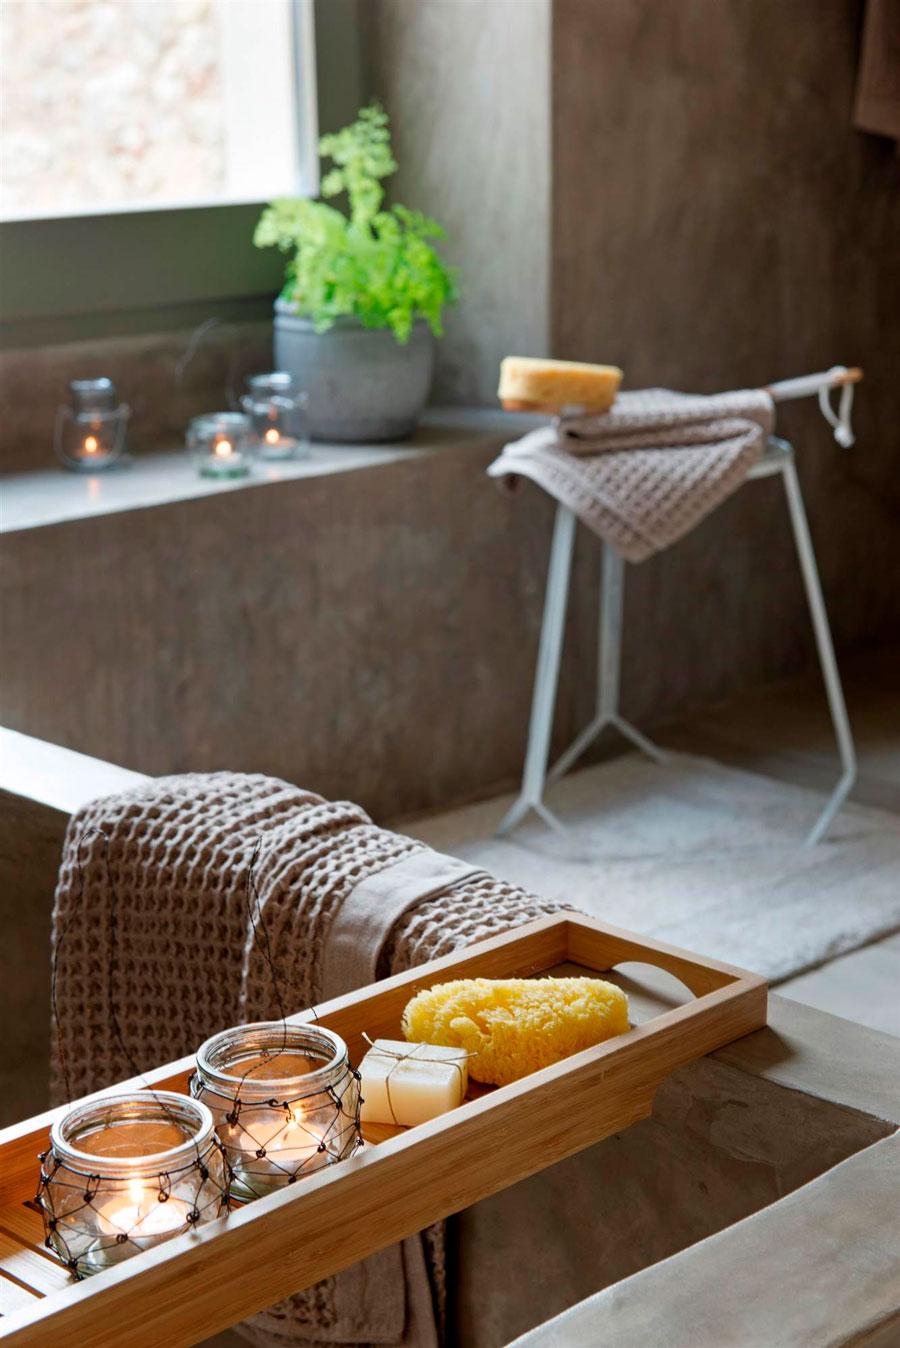 bandejas para los elementos de un baño de tina